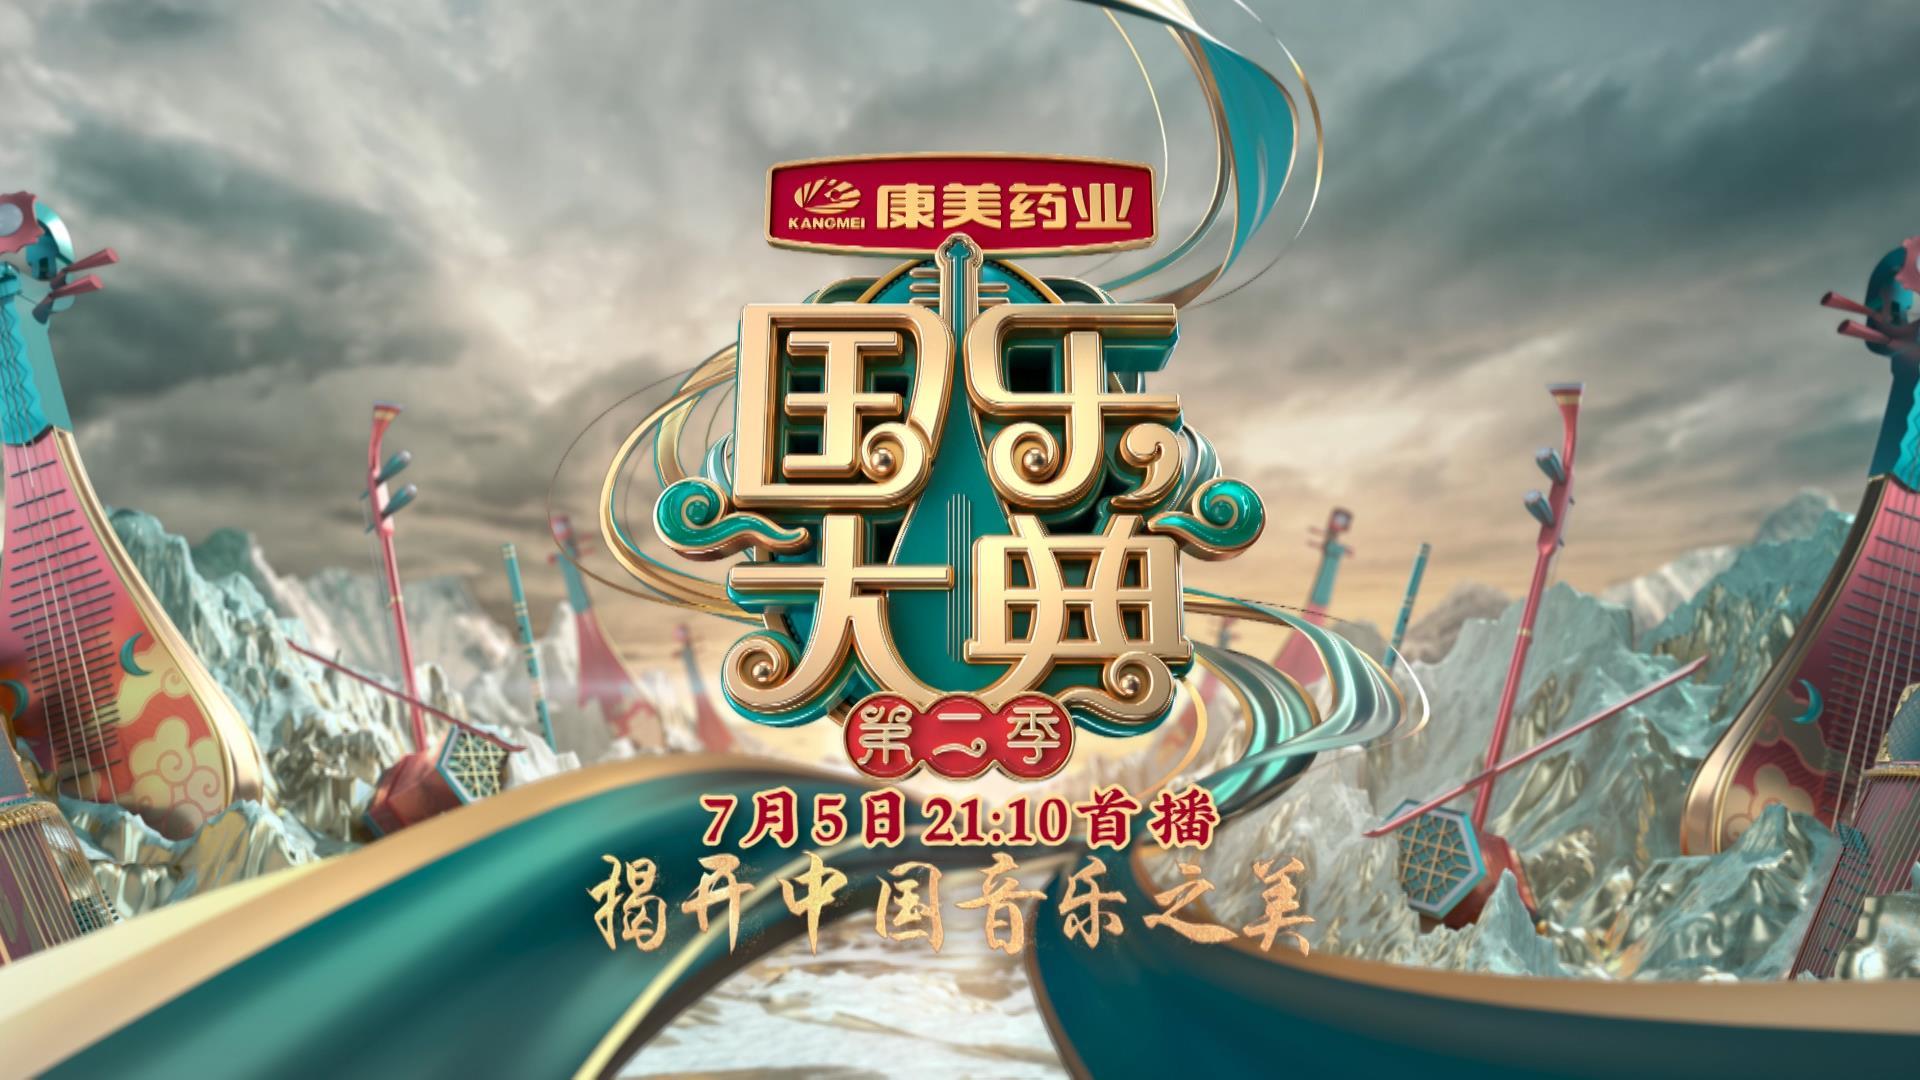 《国乐大典》第二季7月5日开播,张艺谋现身点赞!